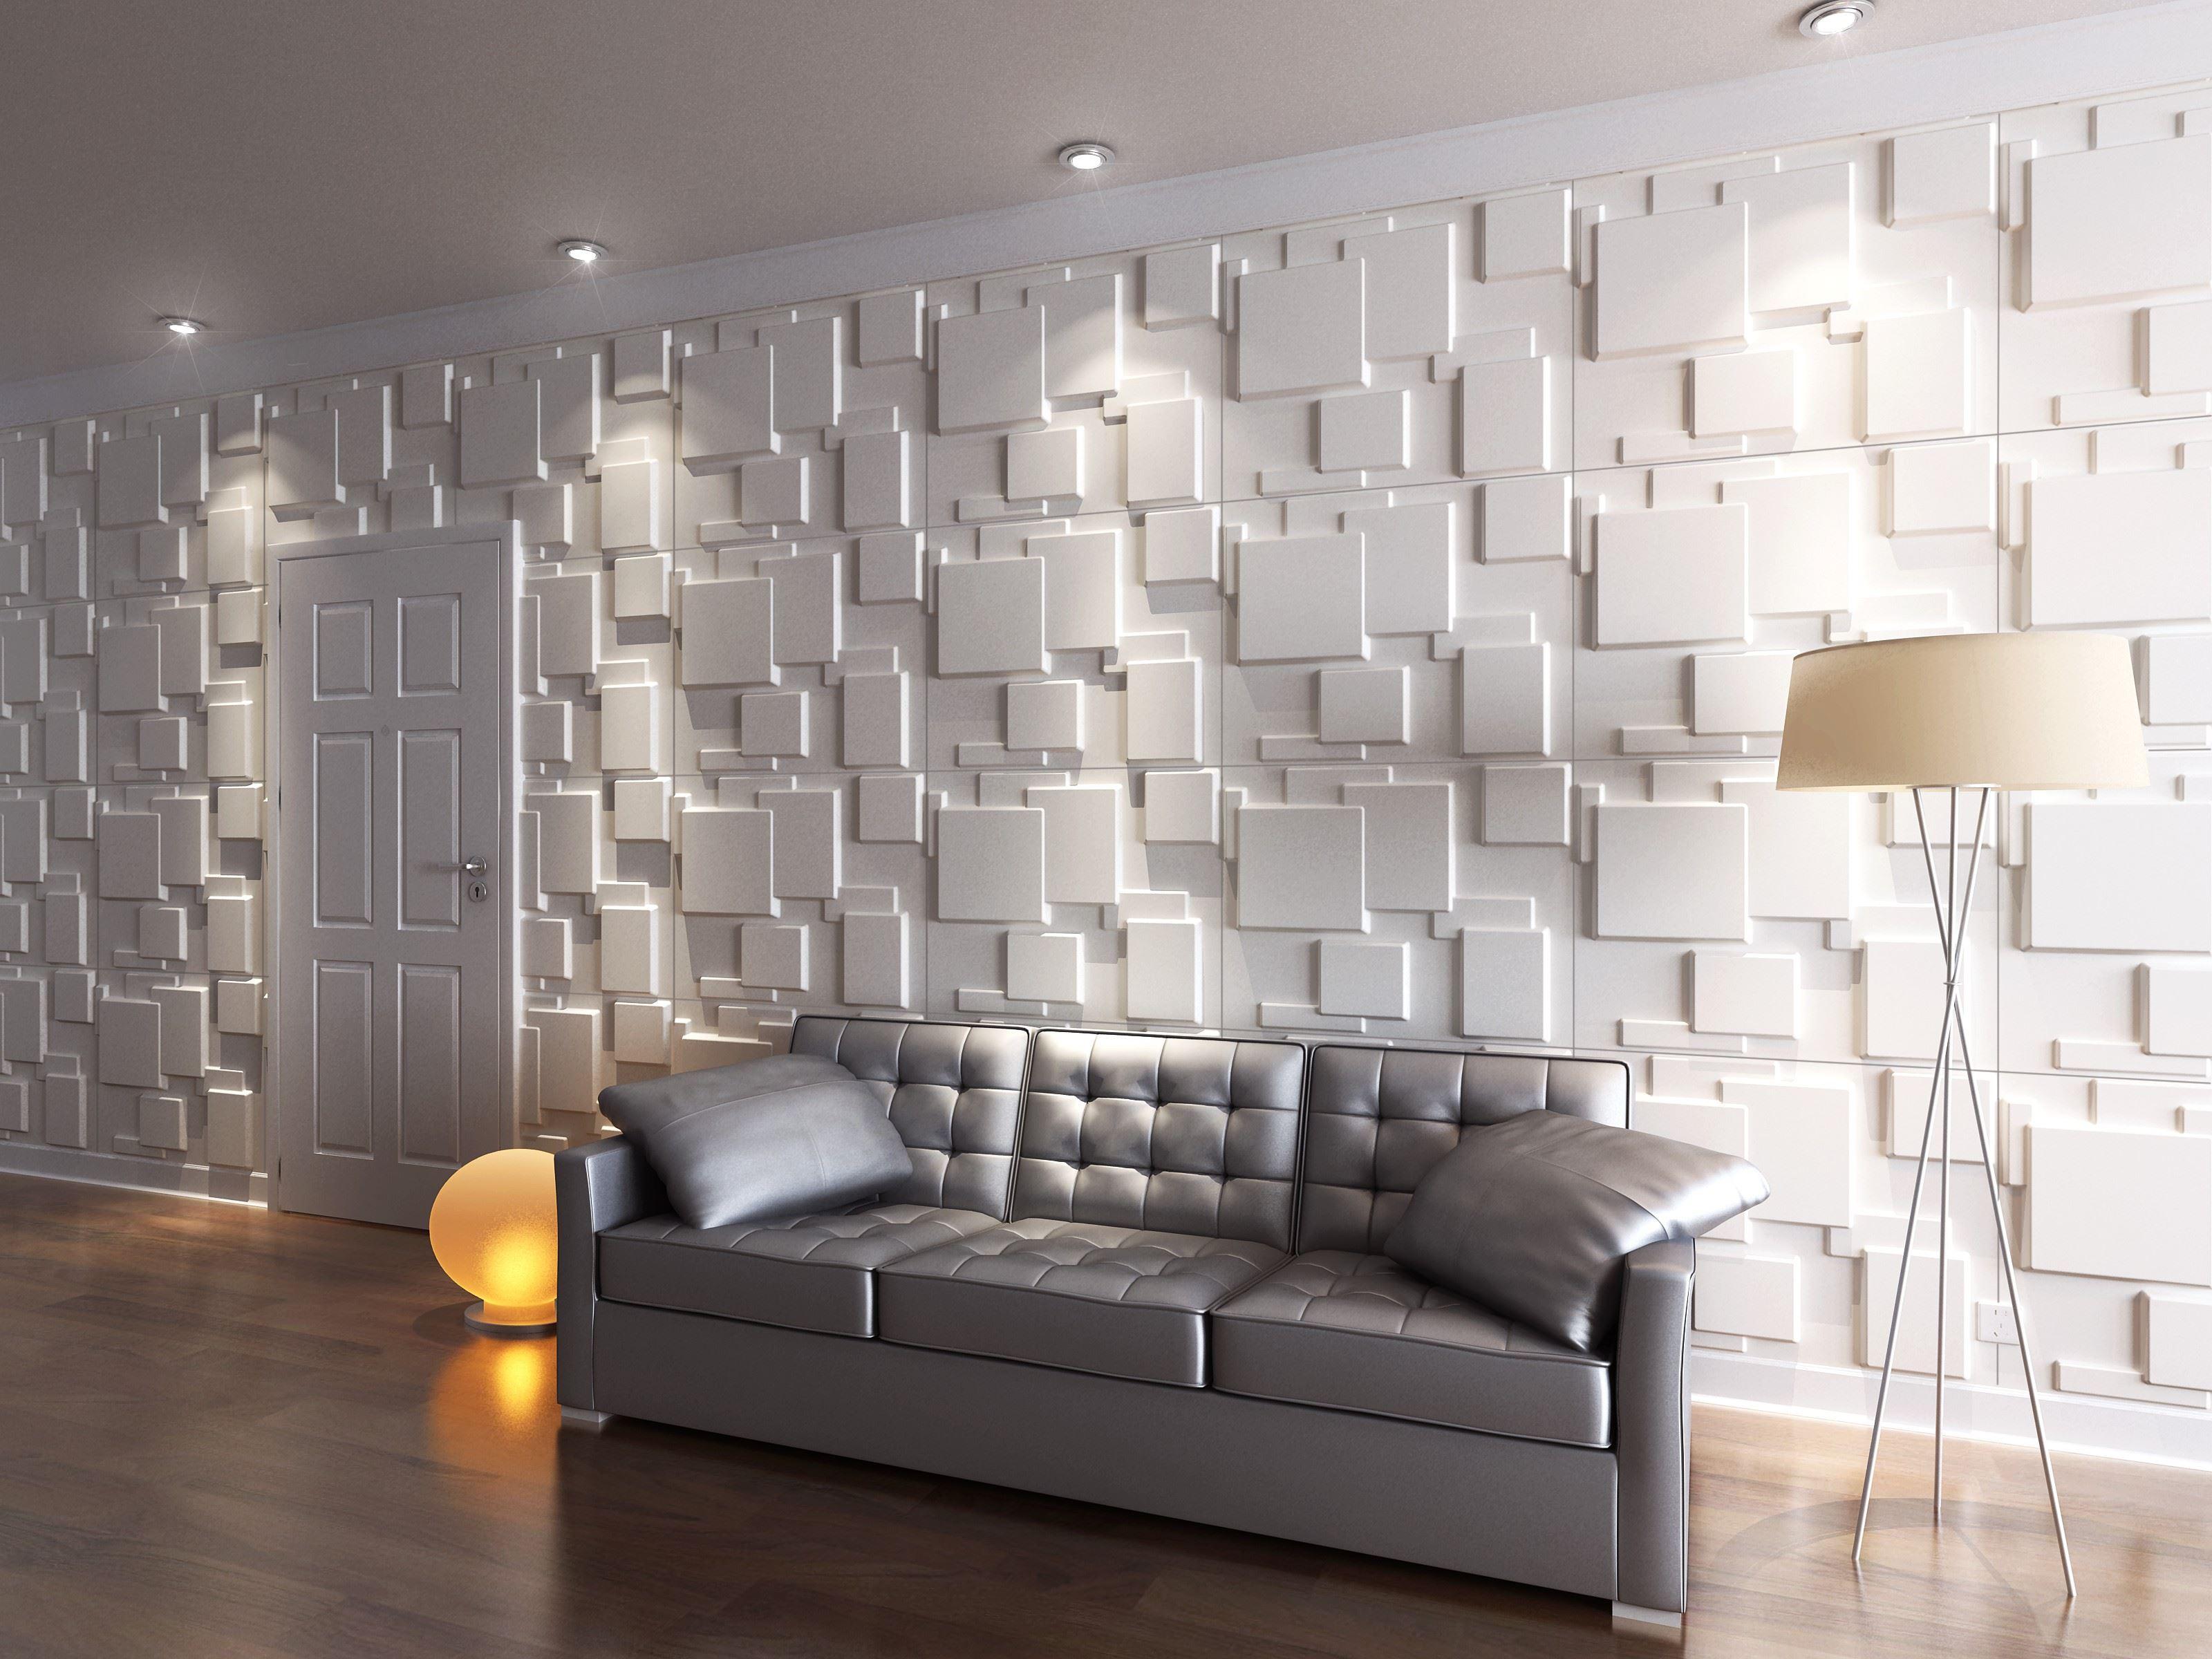 Rivestimenti pareti per il tuo showroom: le tendenze del 2020